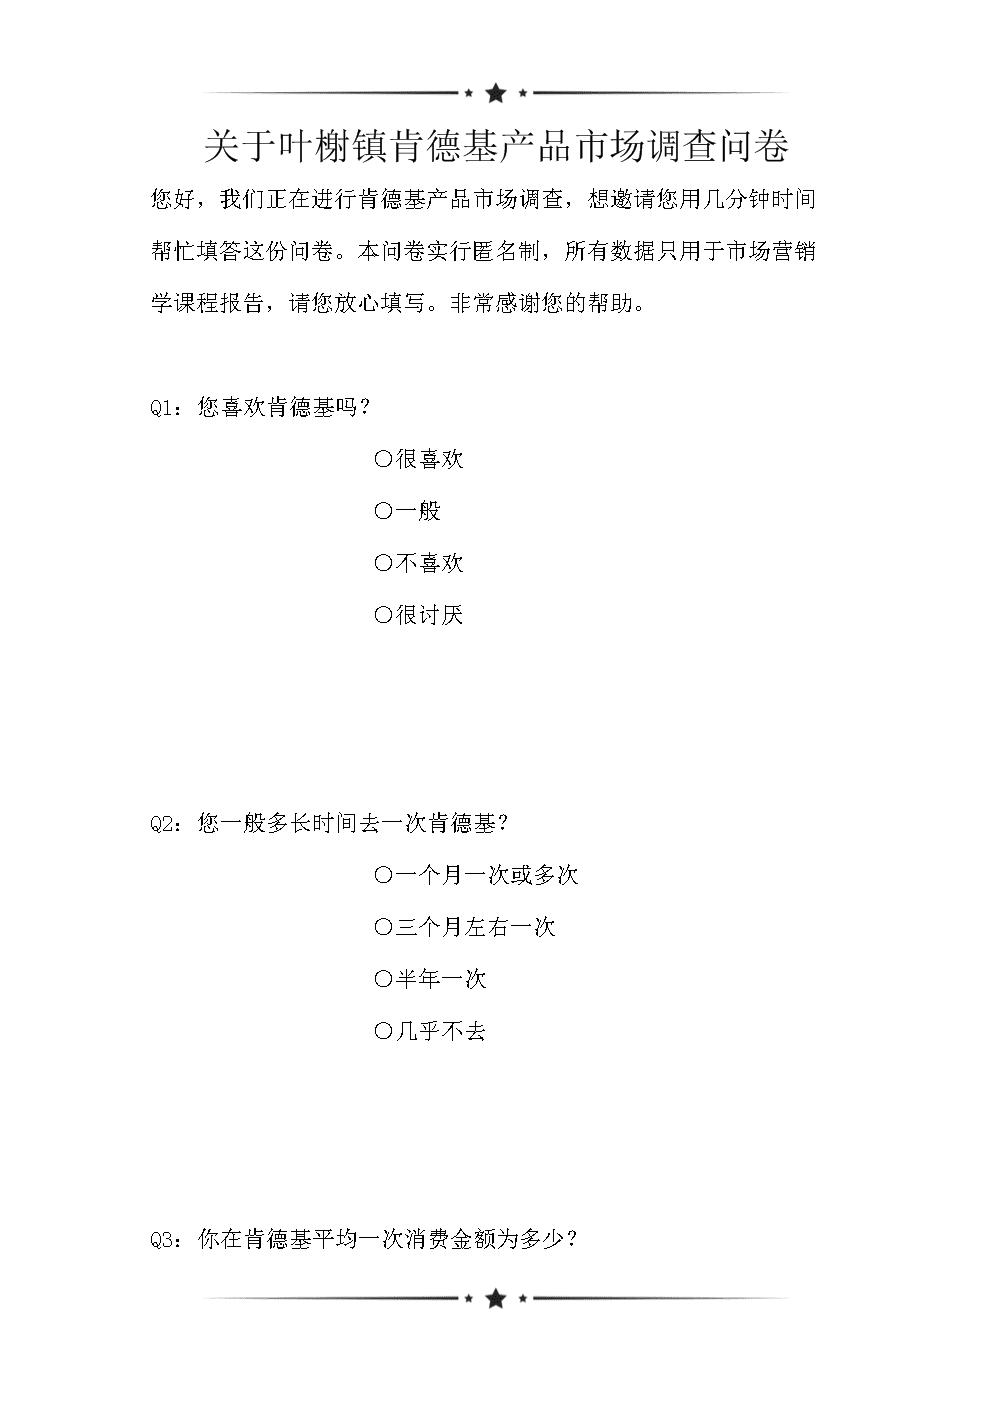 关于叶榭镇肯德基产品市场调查问卷.doc